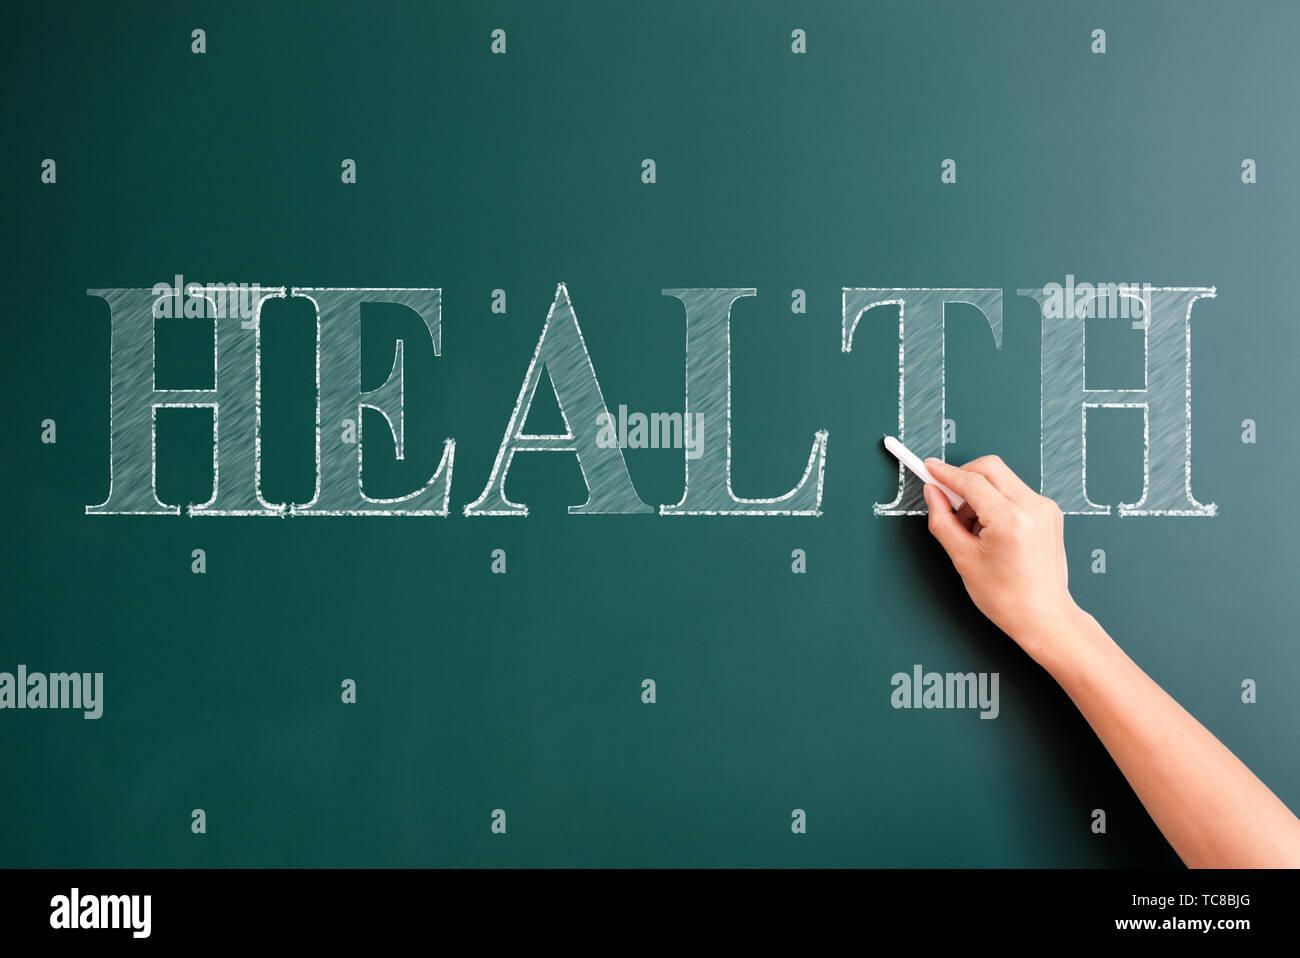 Health written on blackboard - Stock Image